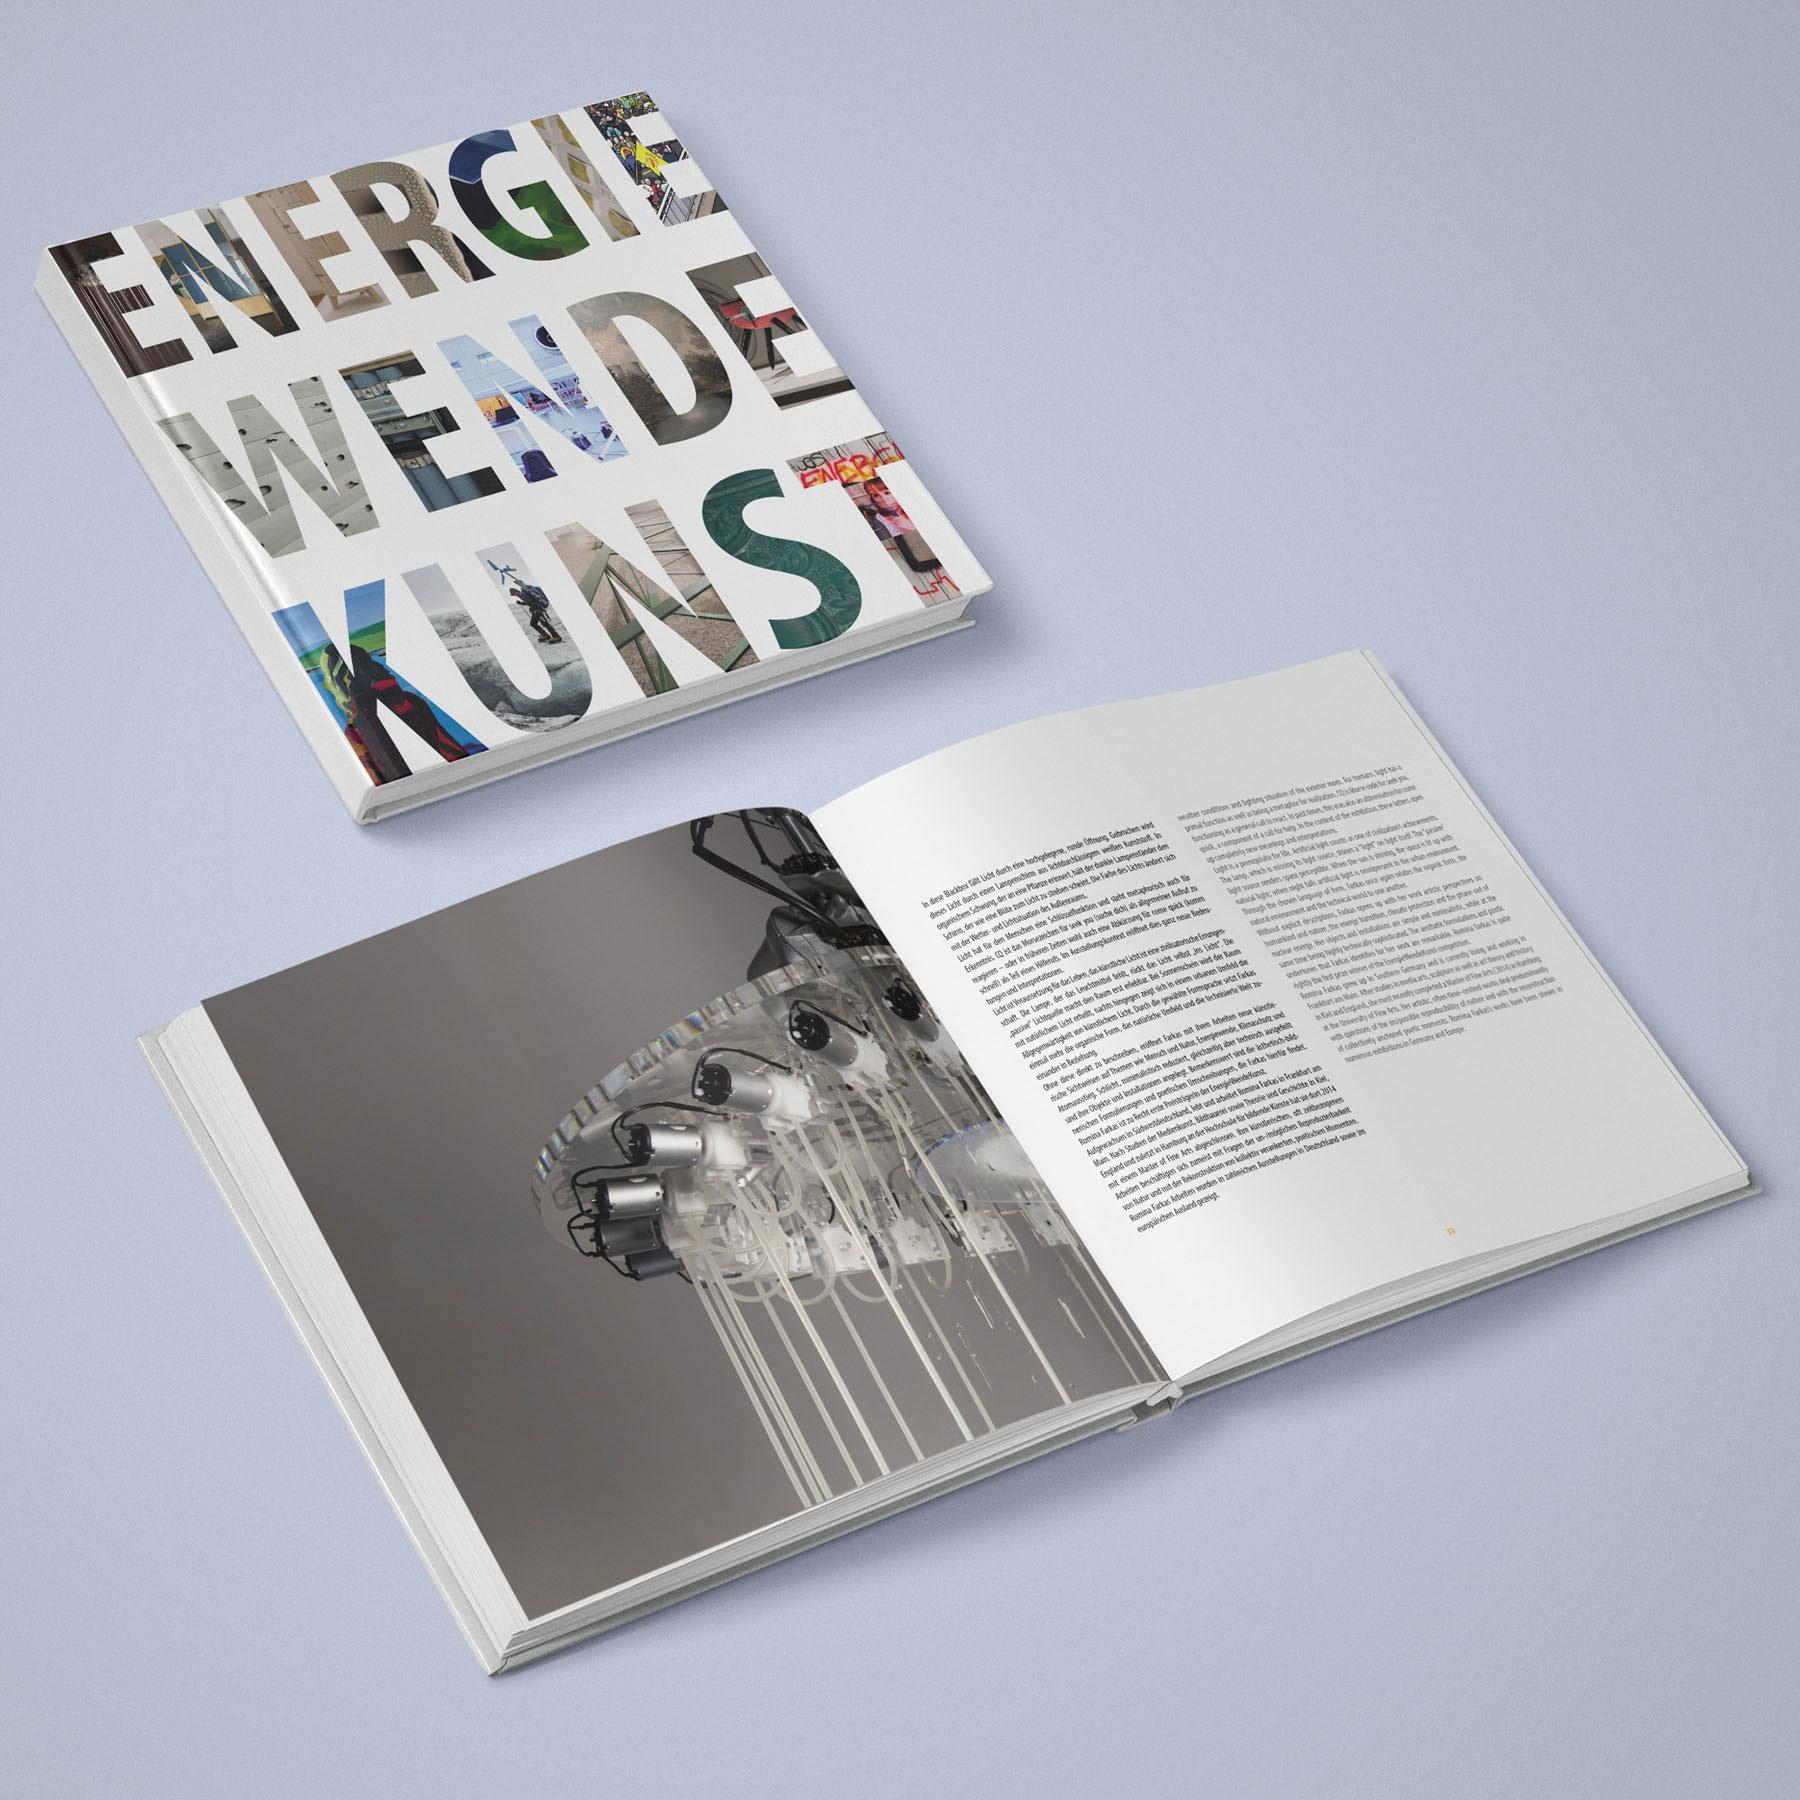 """Ausstellungskatalog zum Kunstprojekt """"Energie Wend Kunst"""" von Idealist Publishing"""